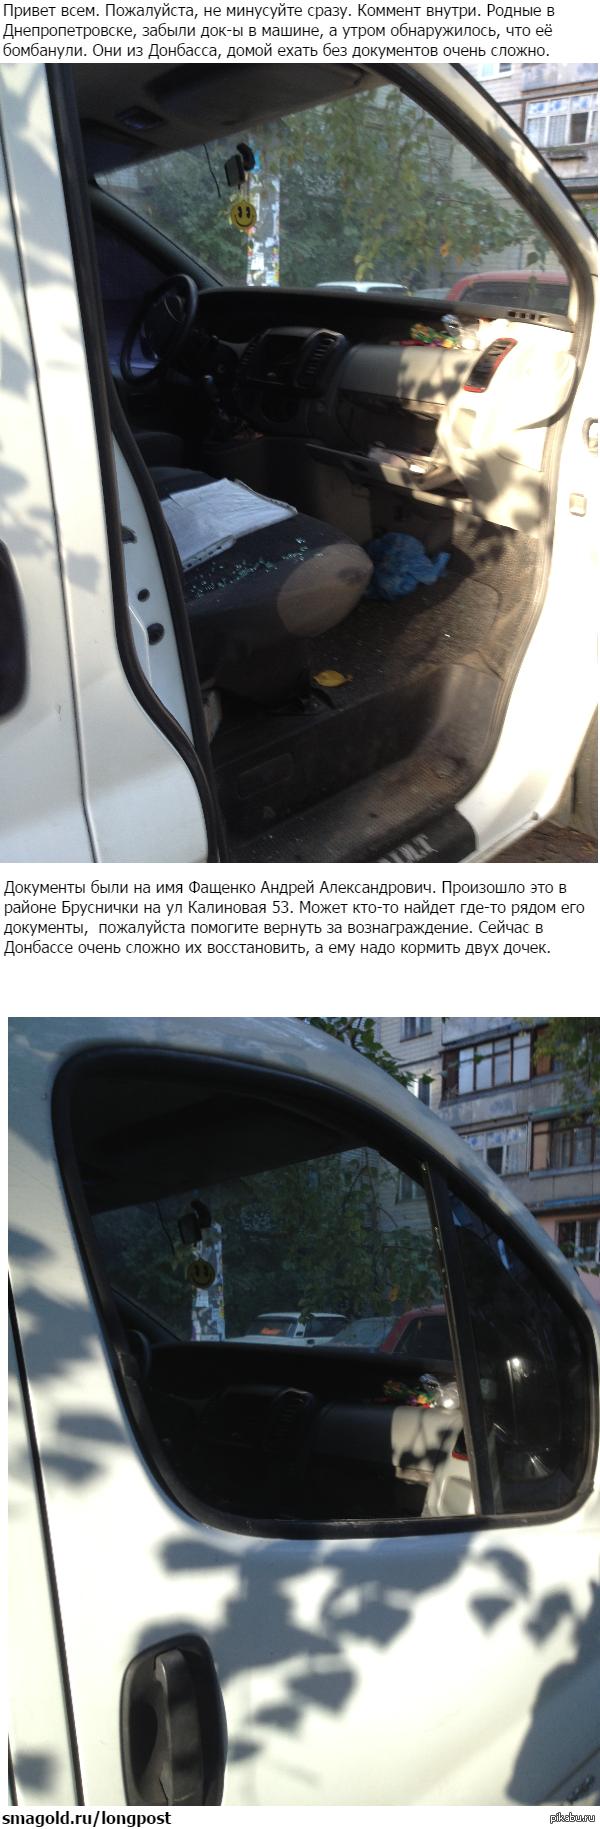 Помогите вернуть документы родным из Донбасса. Привет всем. Пожалуйста, не минусуйте сразу. Коммент внутри.